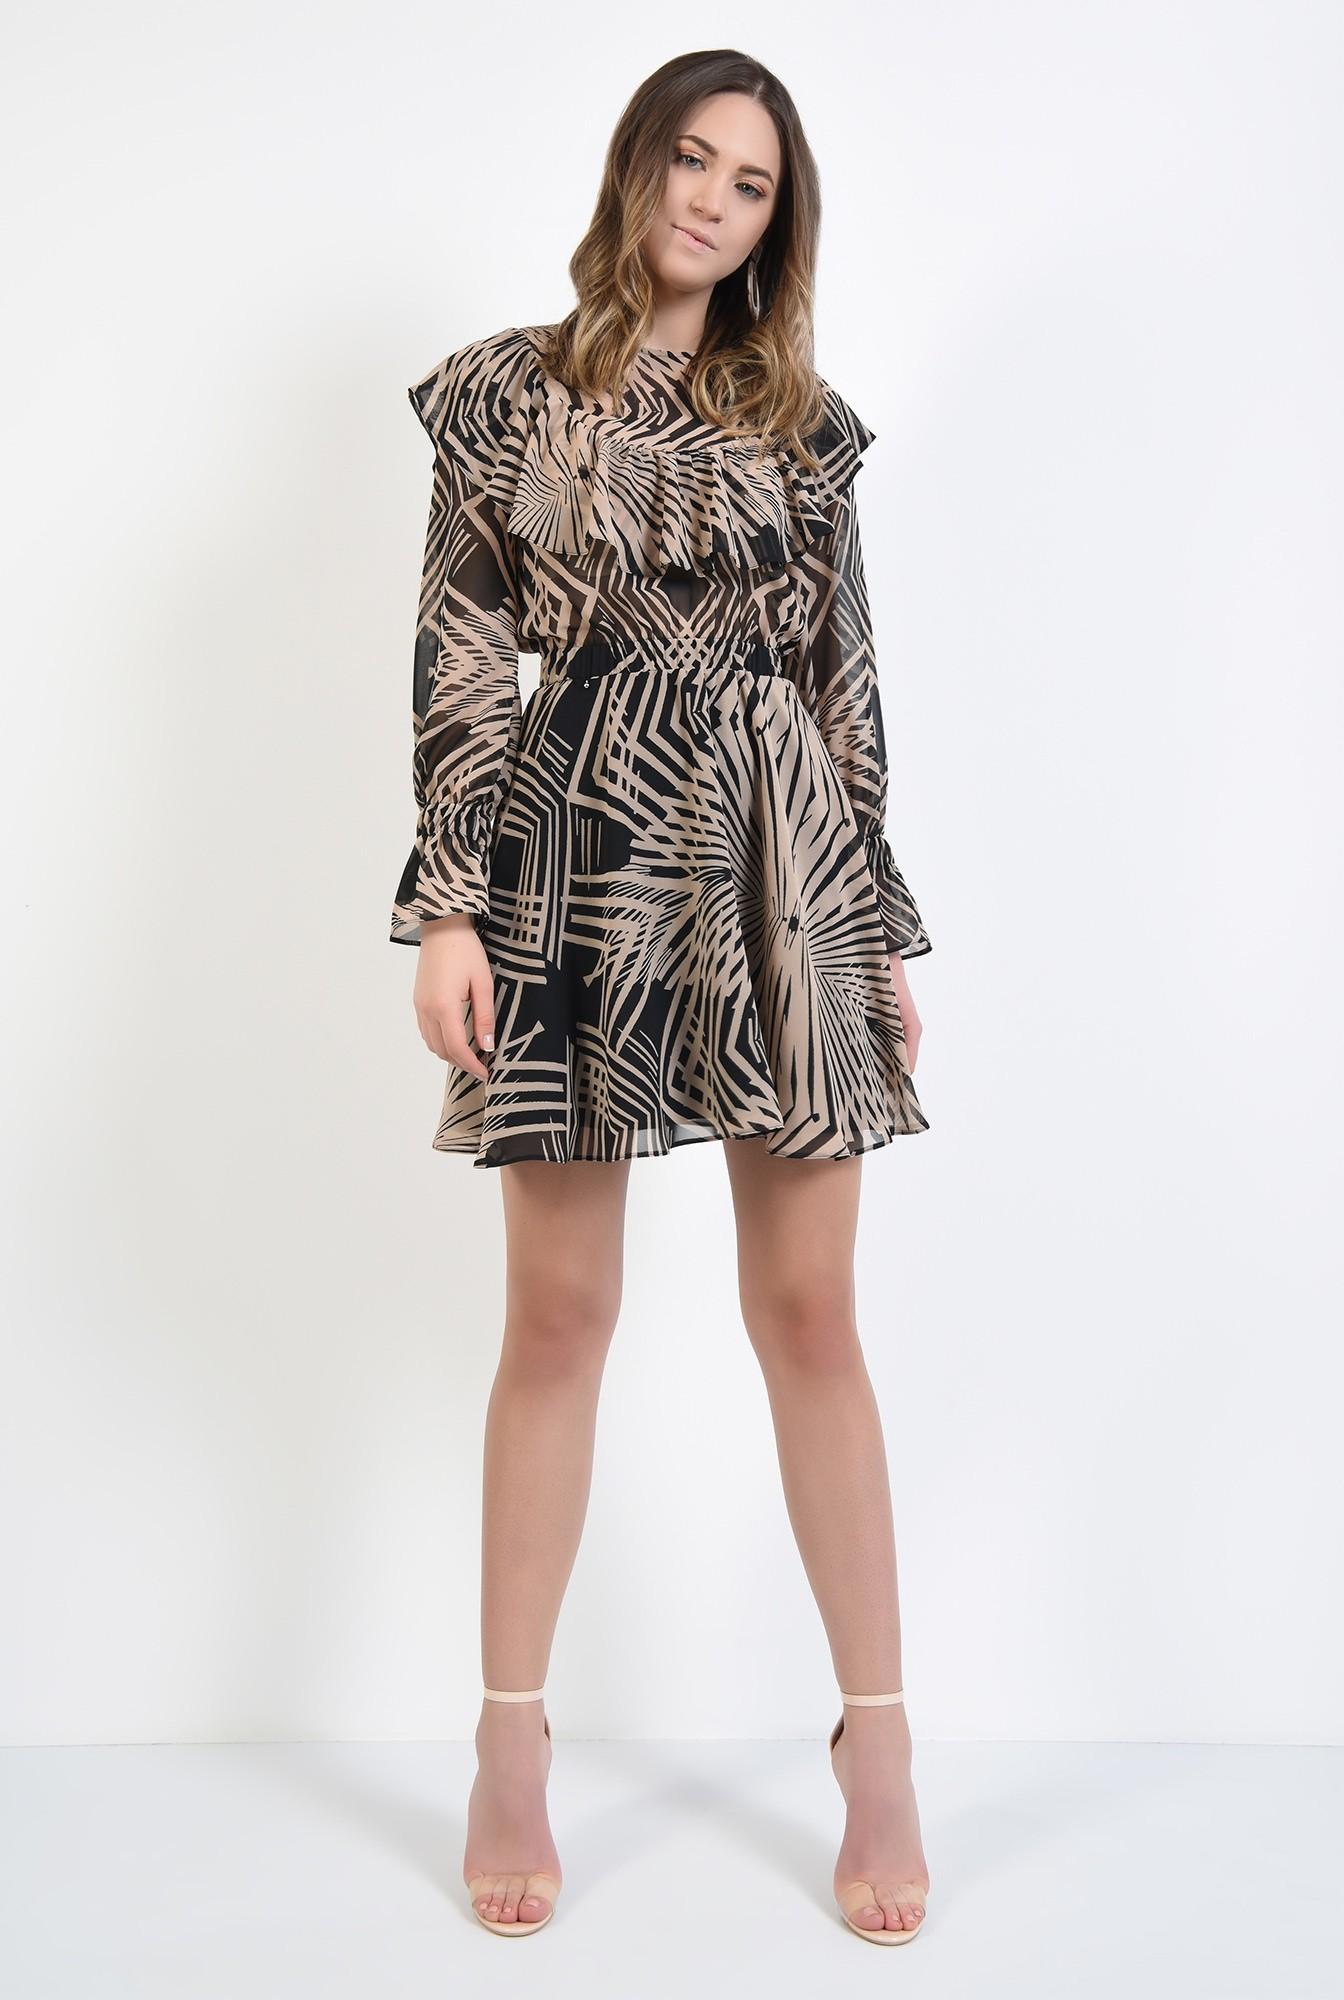 3 - rochie mini, cu imprimeu abstract, negru, bej, talie pe elastic, volan